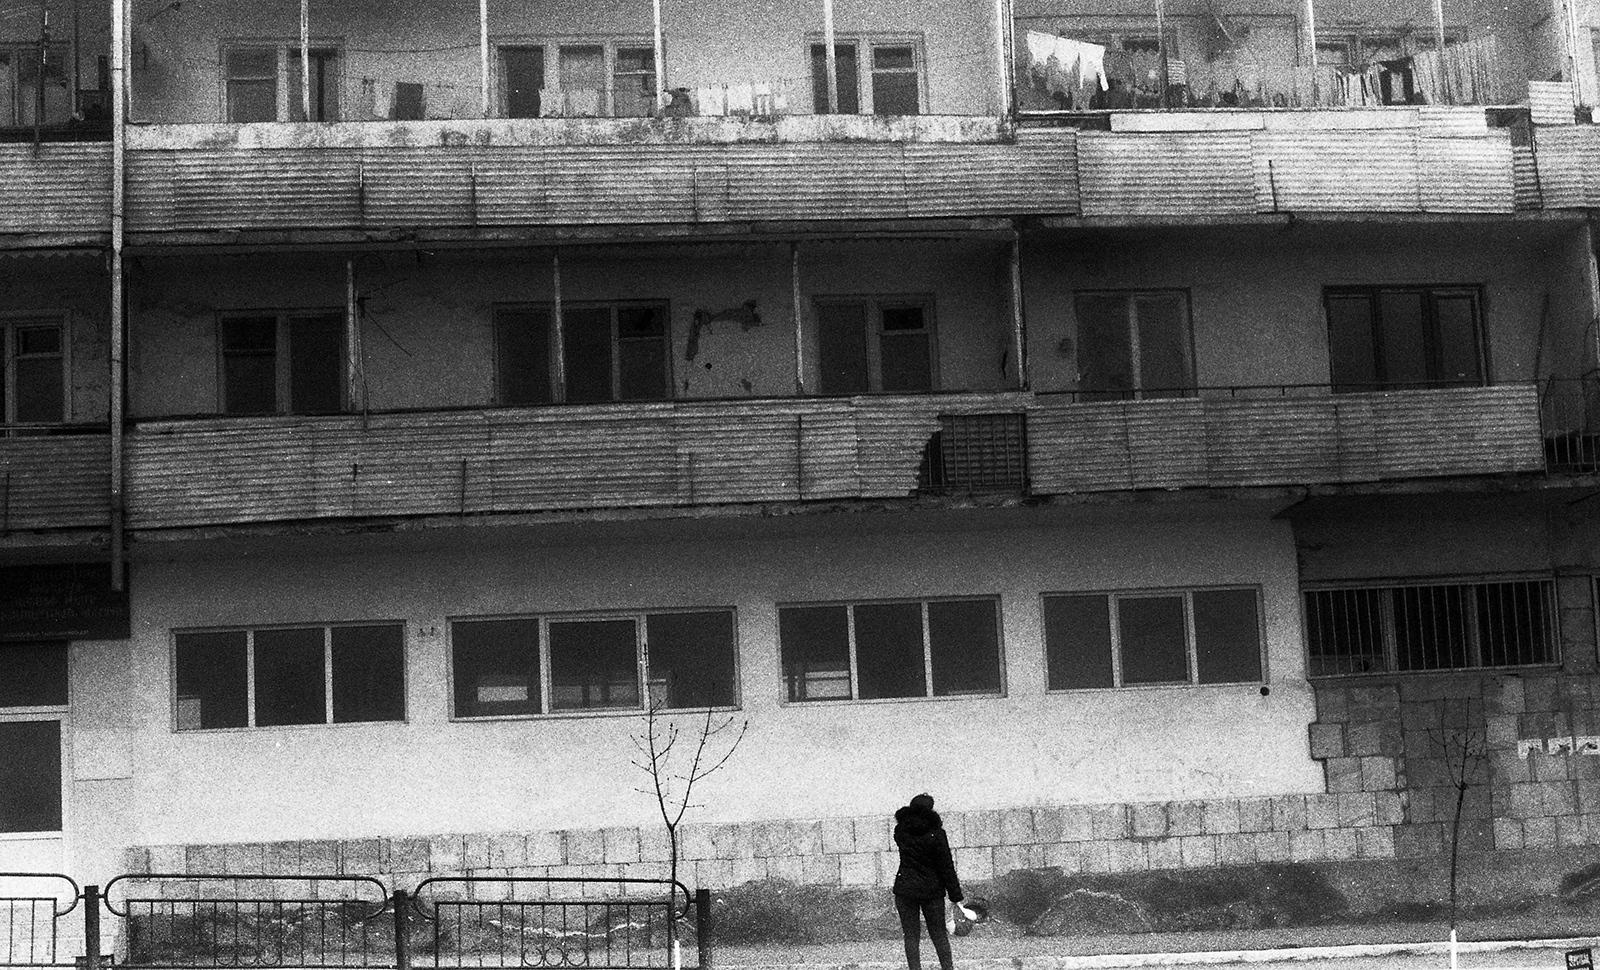 Shushi, Karabakh